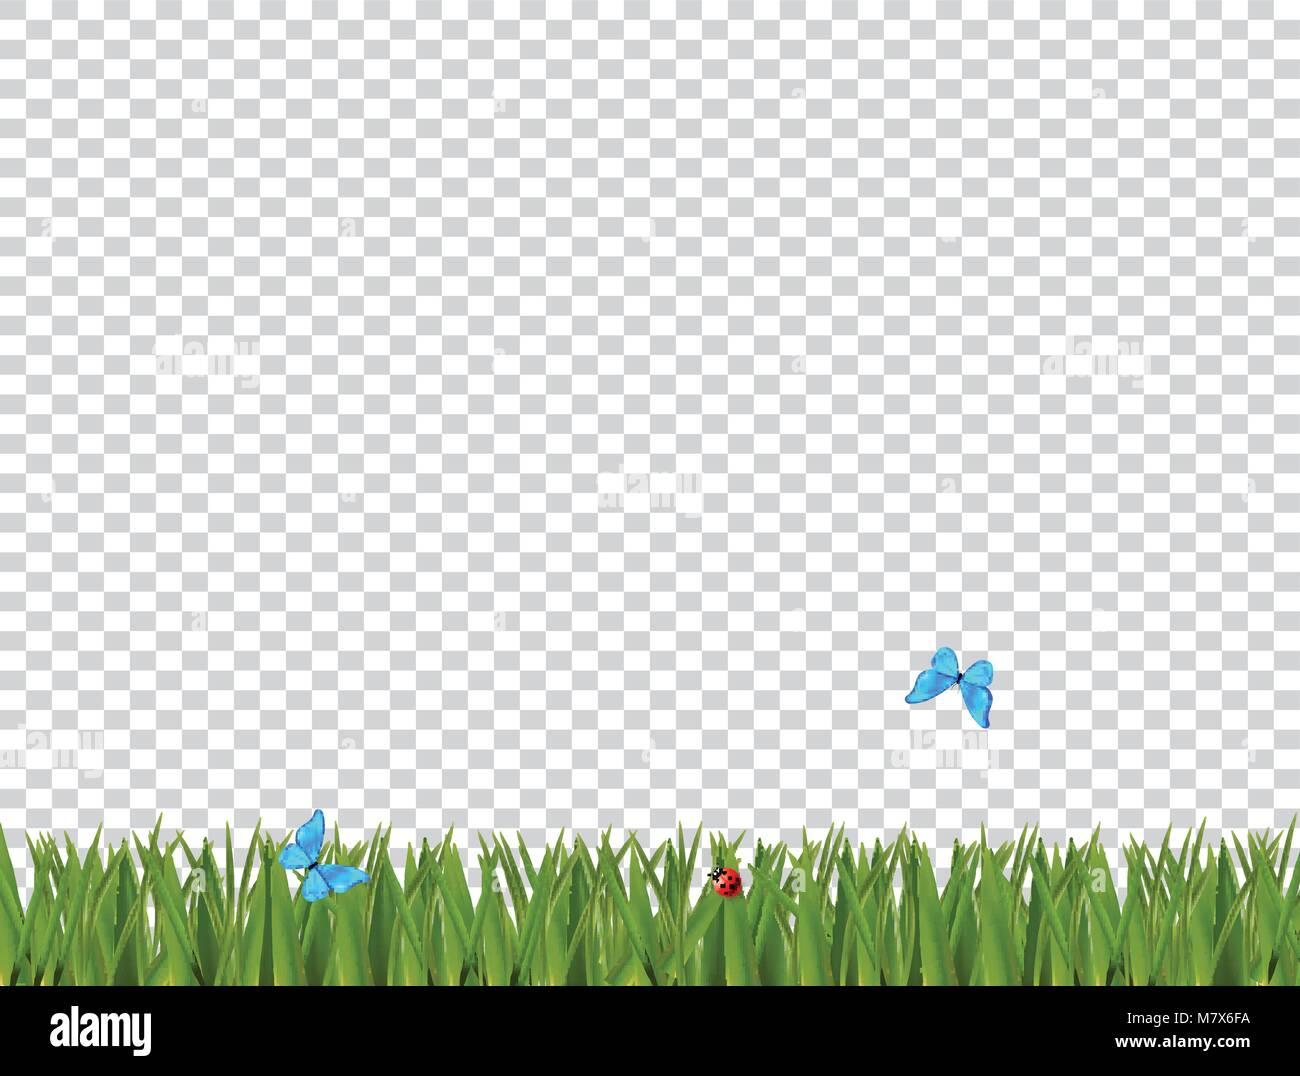 Verde césped realista frontera con mariquita y mariposas azules ...